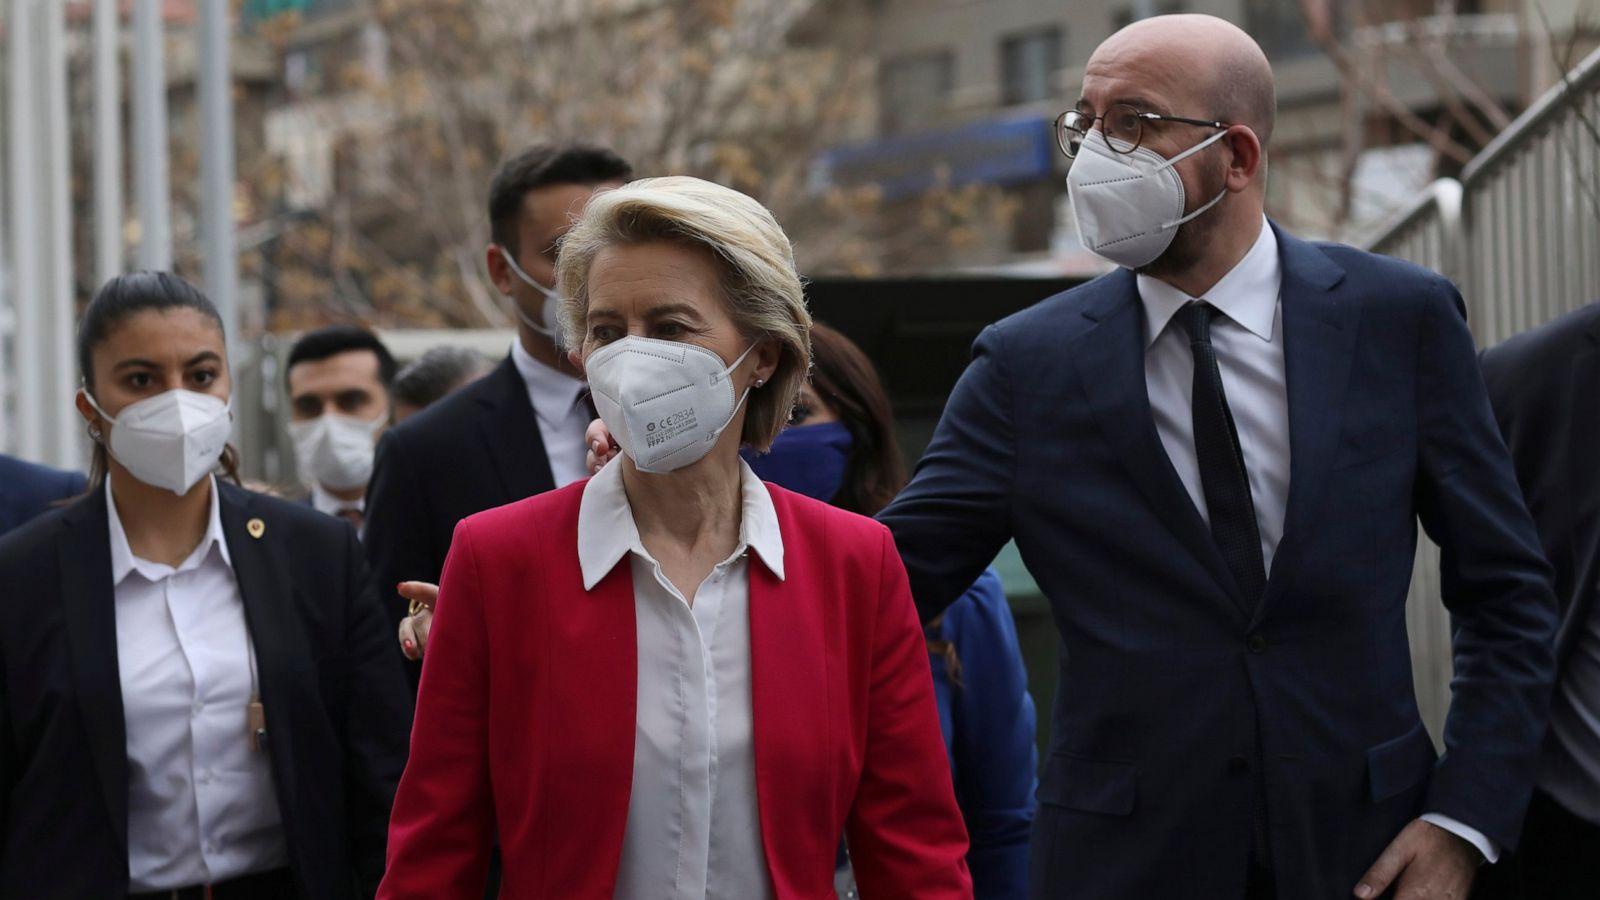 Turkey rejects claim it snubbed von der Leyen, blames EU - ABC News